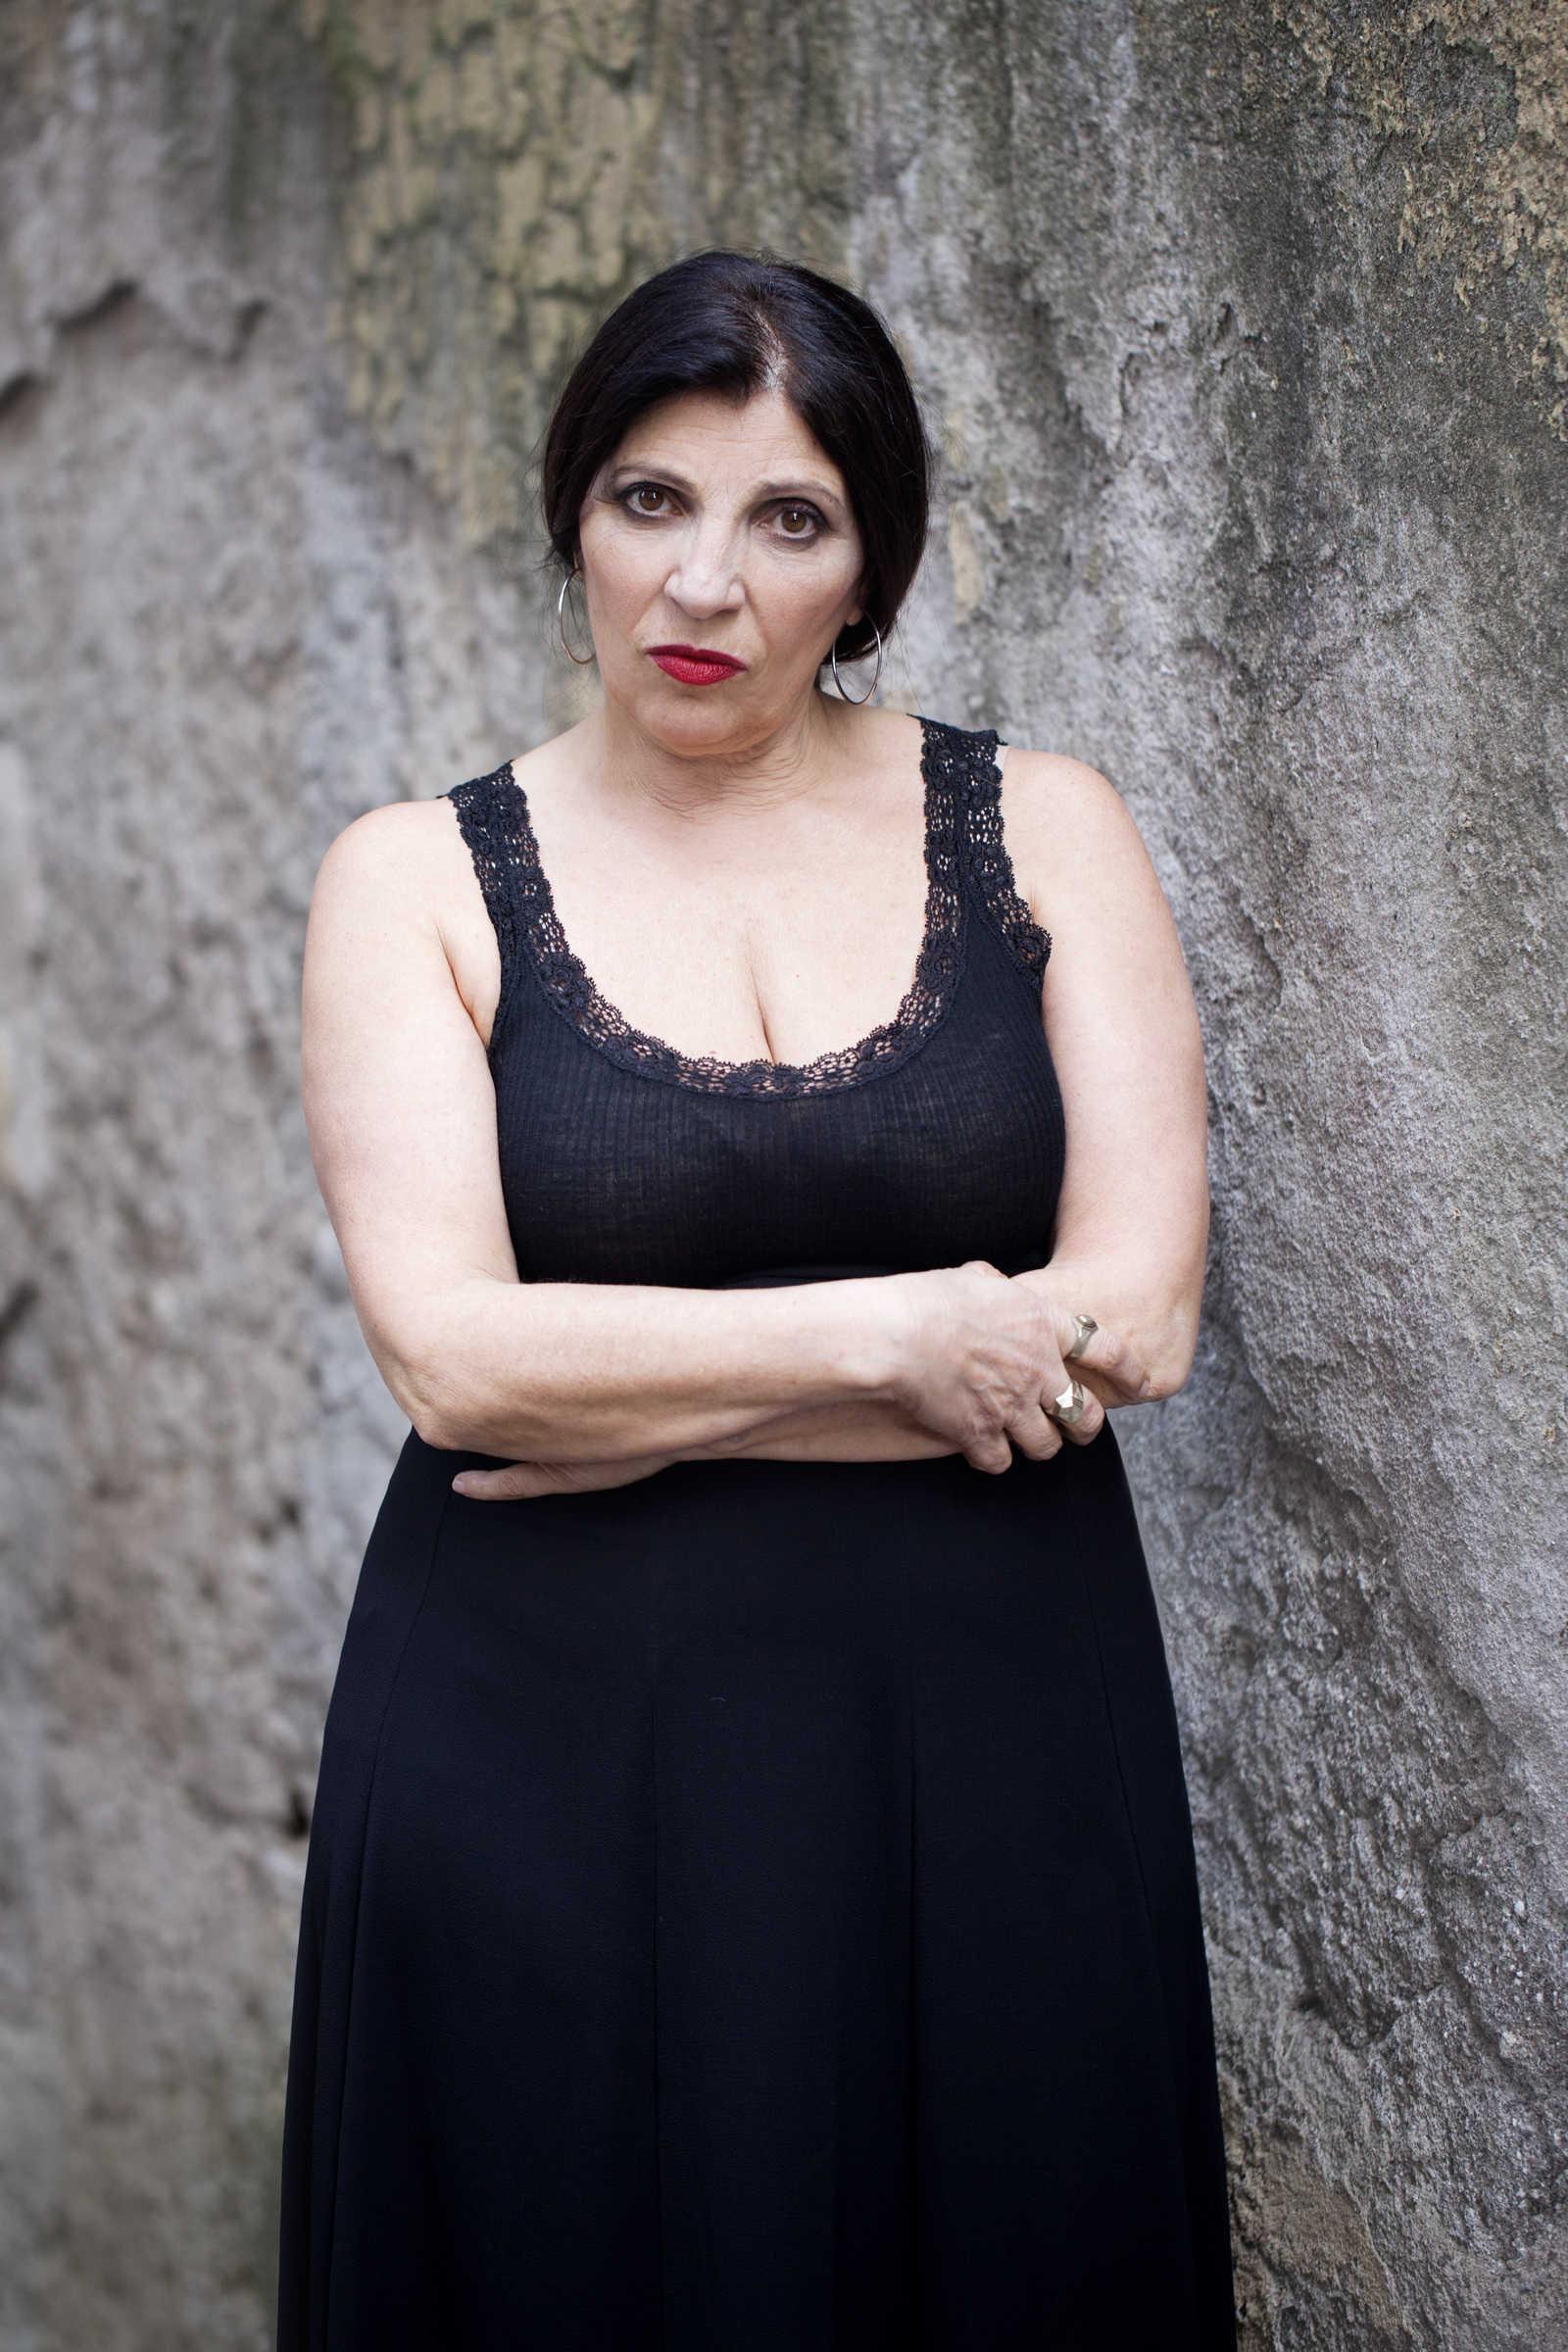 Lucia Sardo Lucia Sardo new photo